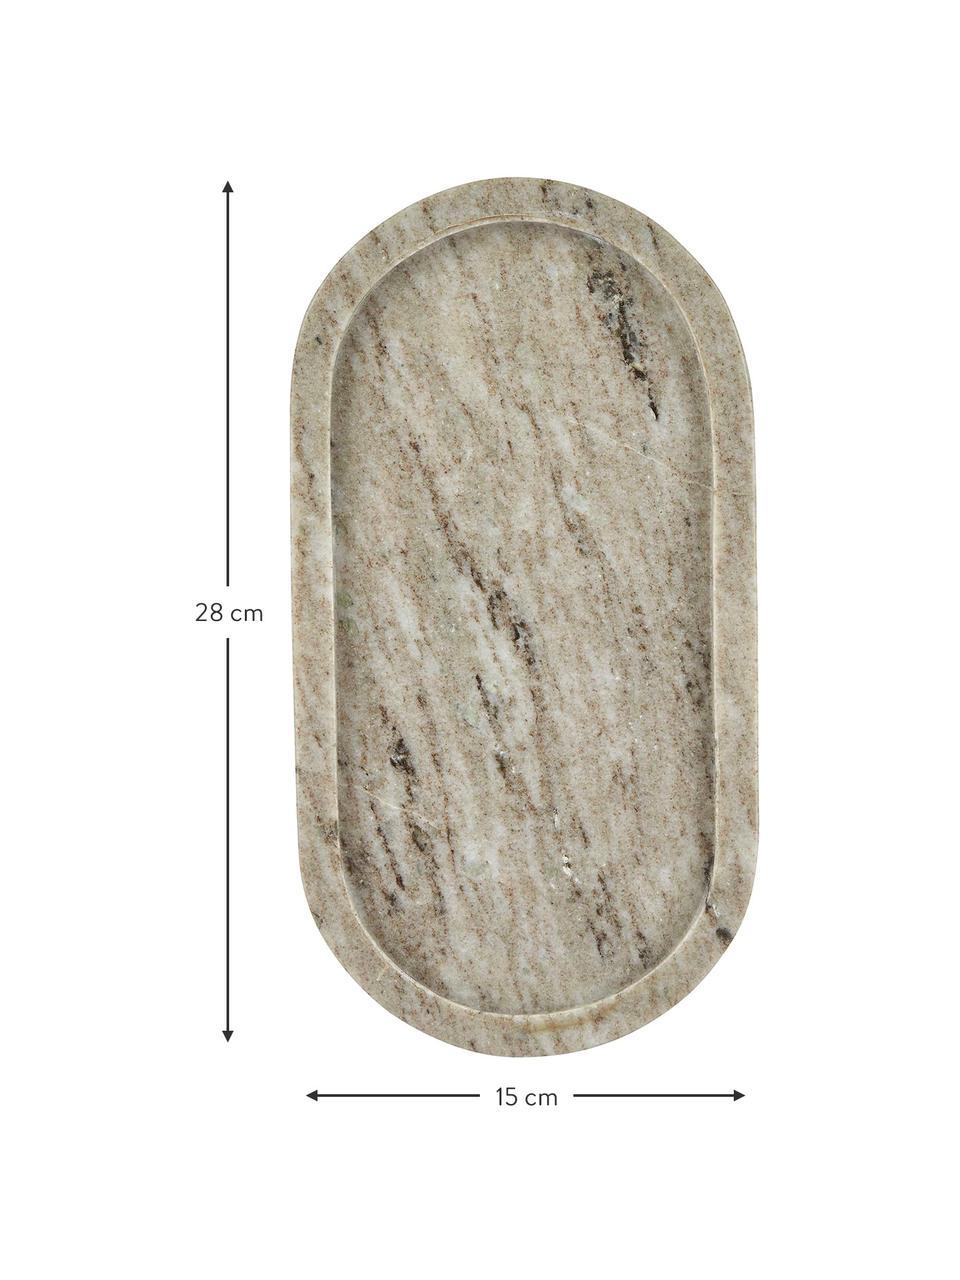 Taca dekoracyjna z marmuru Oval, Marmur, Beżowy, S 15 x G 28 cm